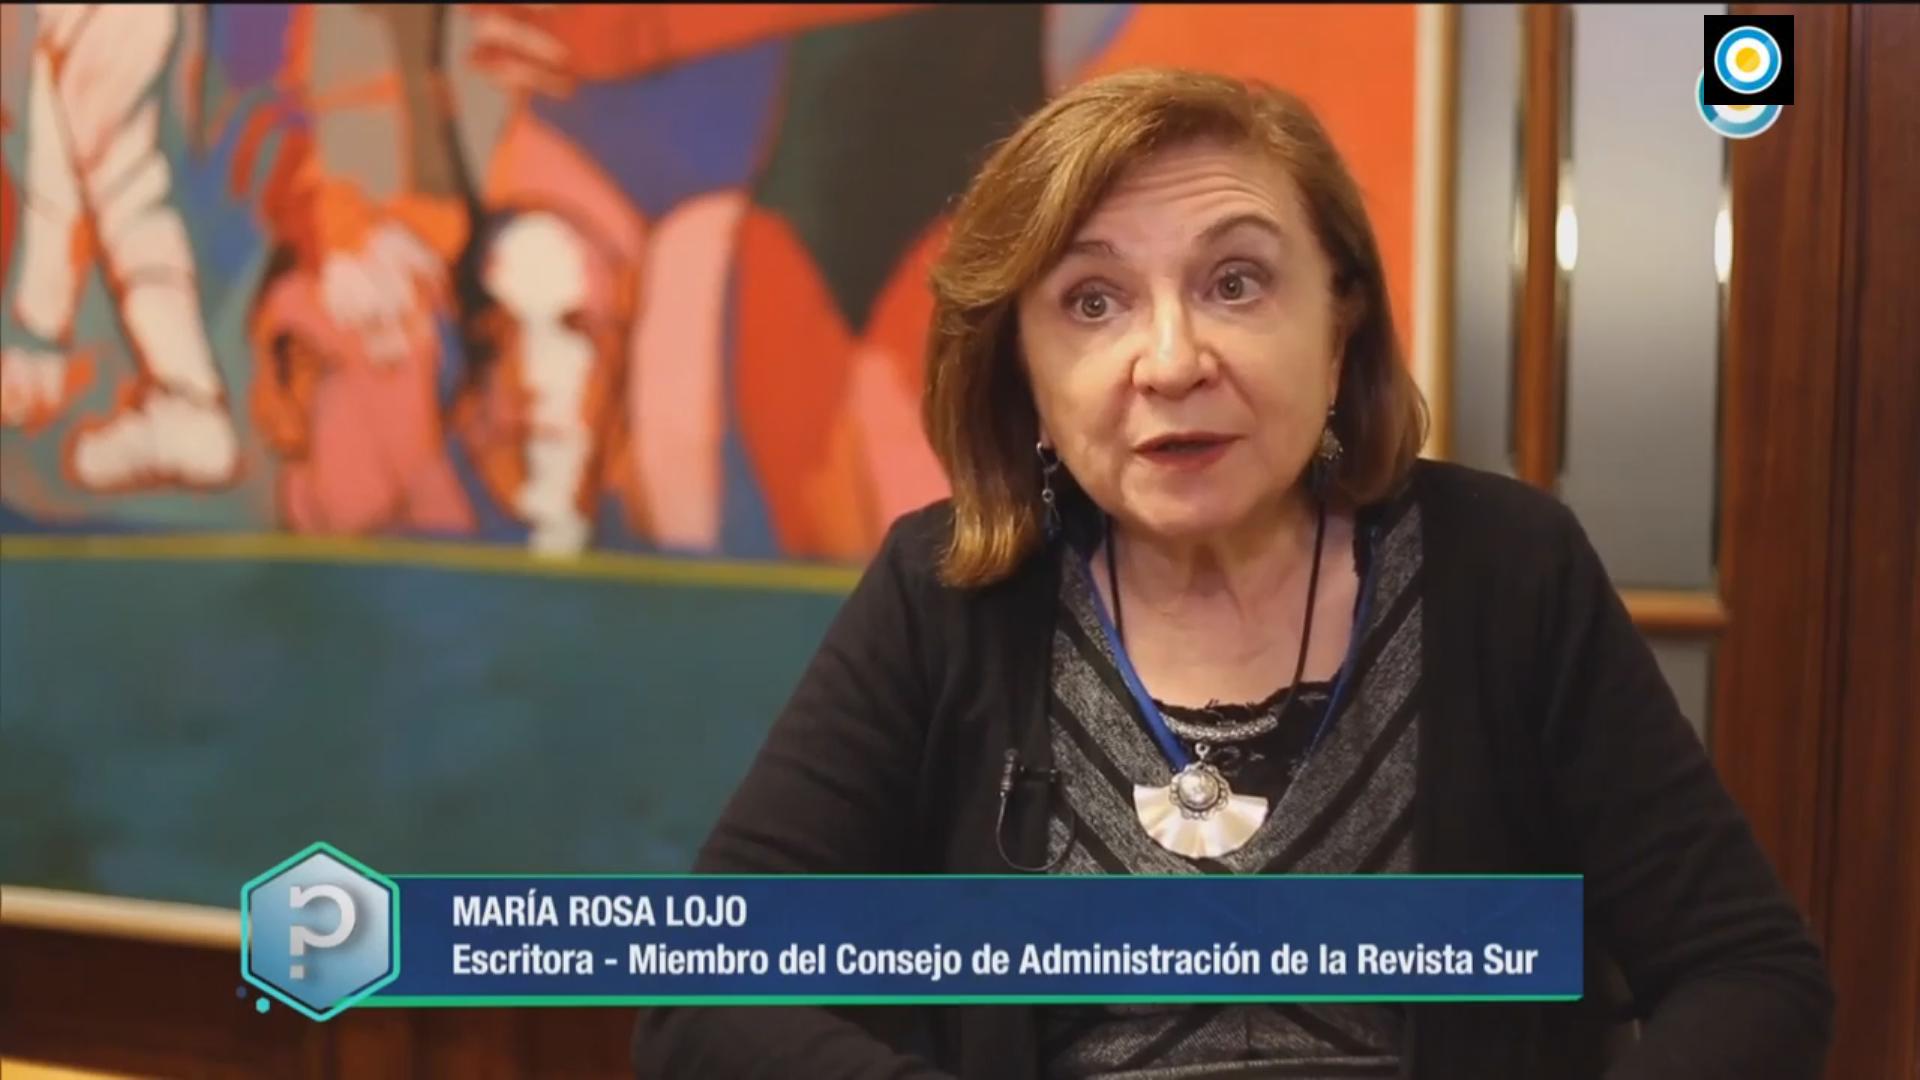 """María Rosa Lojo habla sobre Victoria Ocampo en """"Todo tiene un por qué"""". Televisión Pública Argentina"""